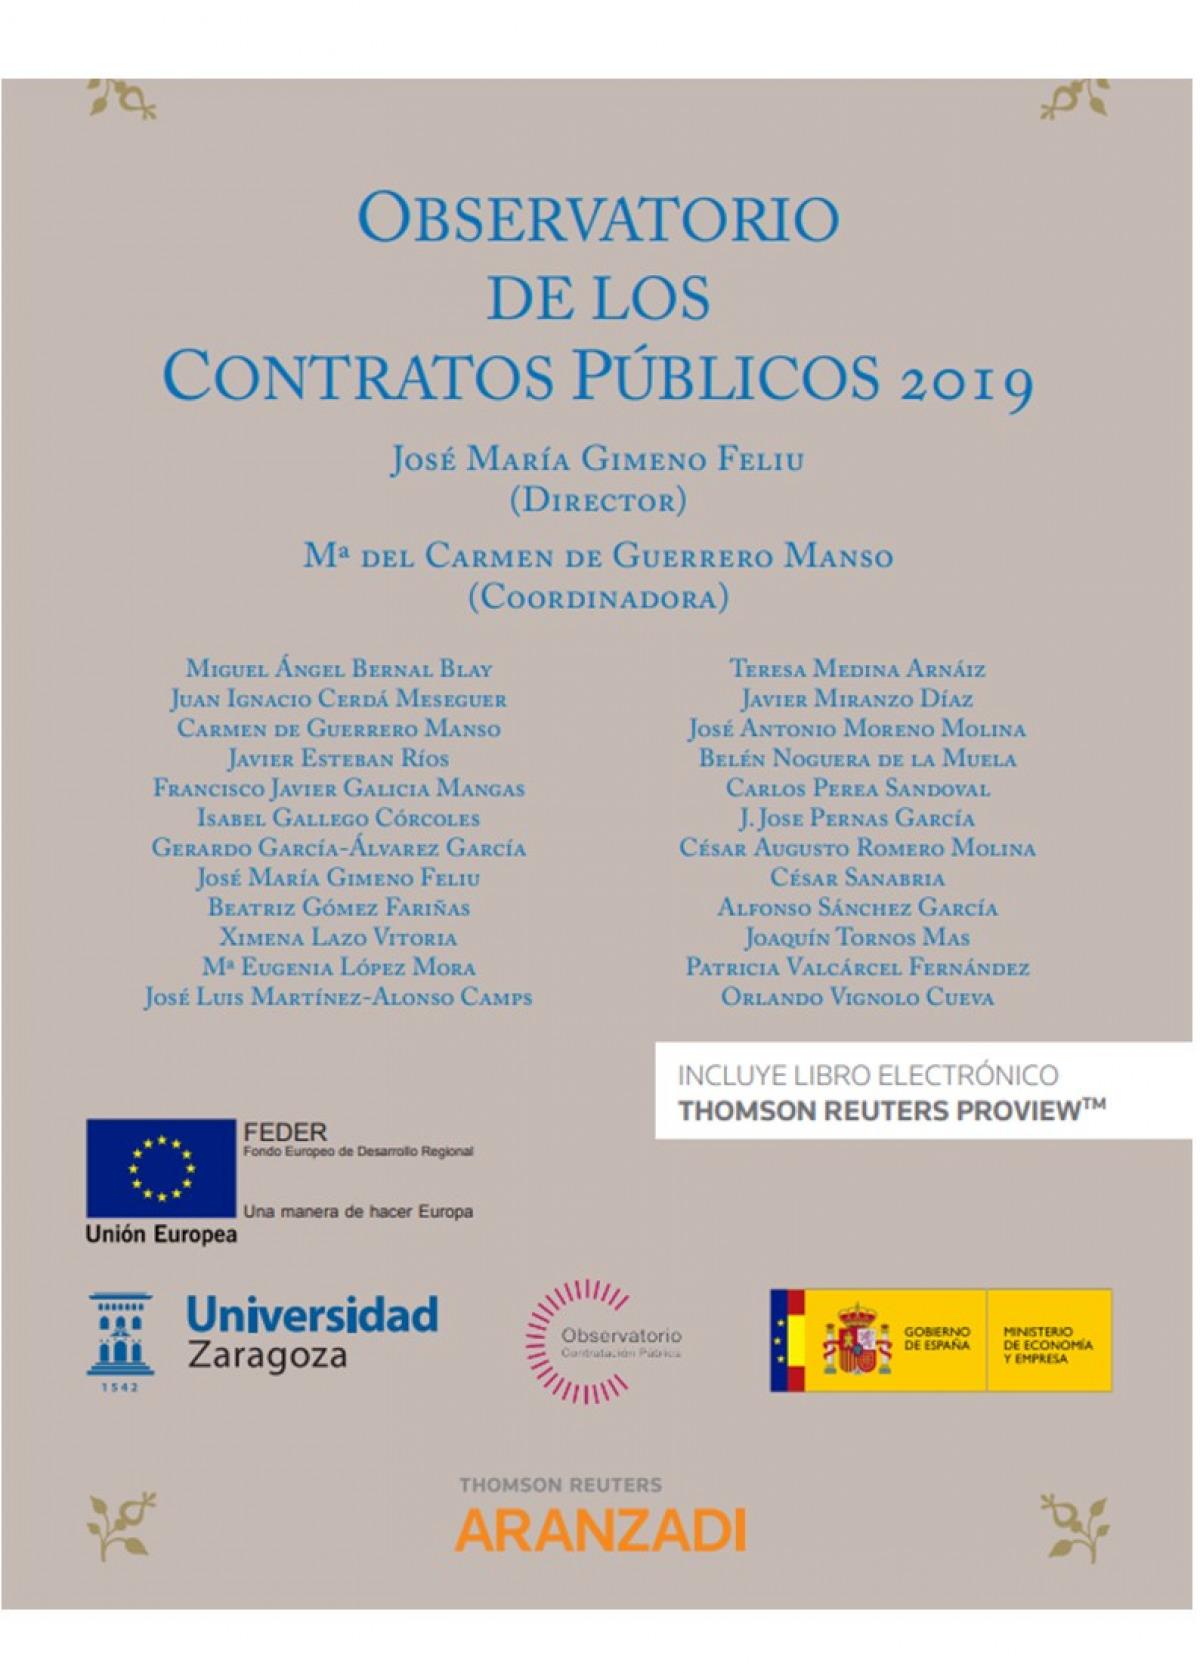 OBSERVATORIO DE LOS CONTRATOS PUBLICOS 2019 DUO 9788413456775